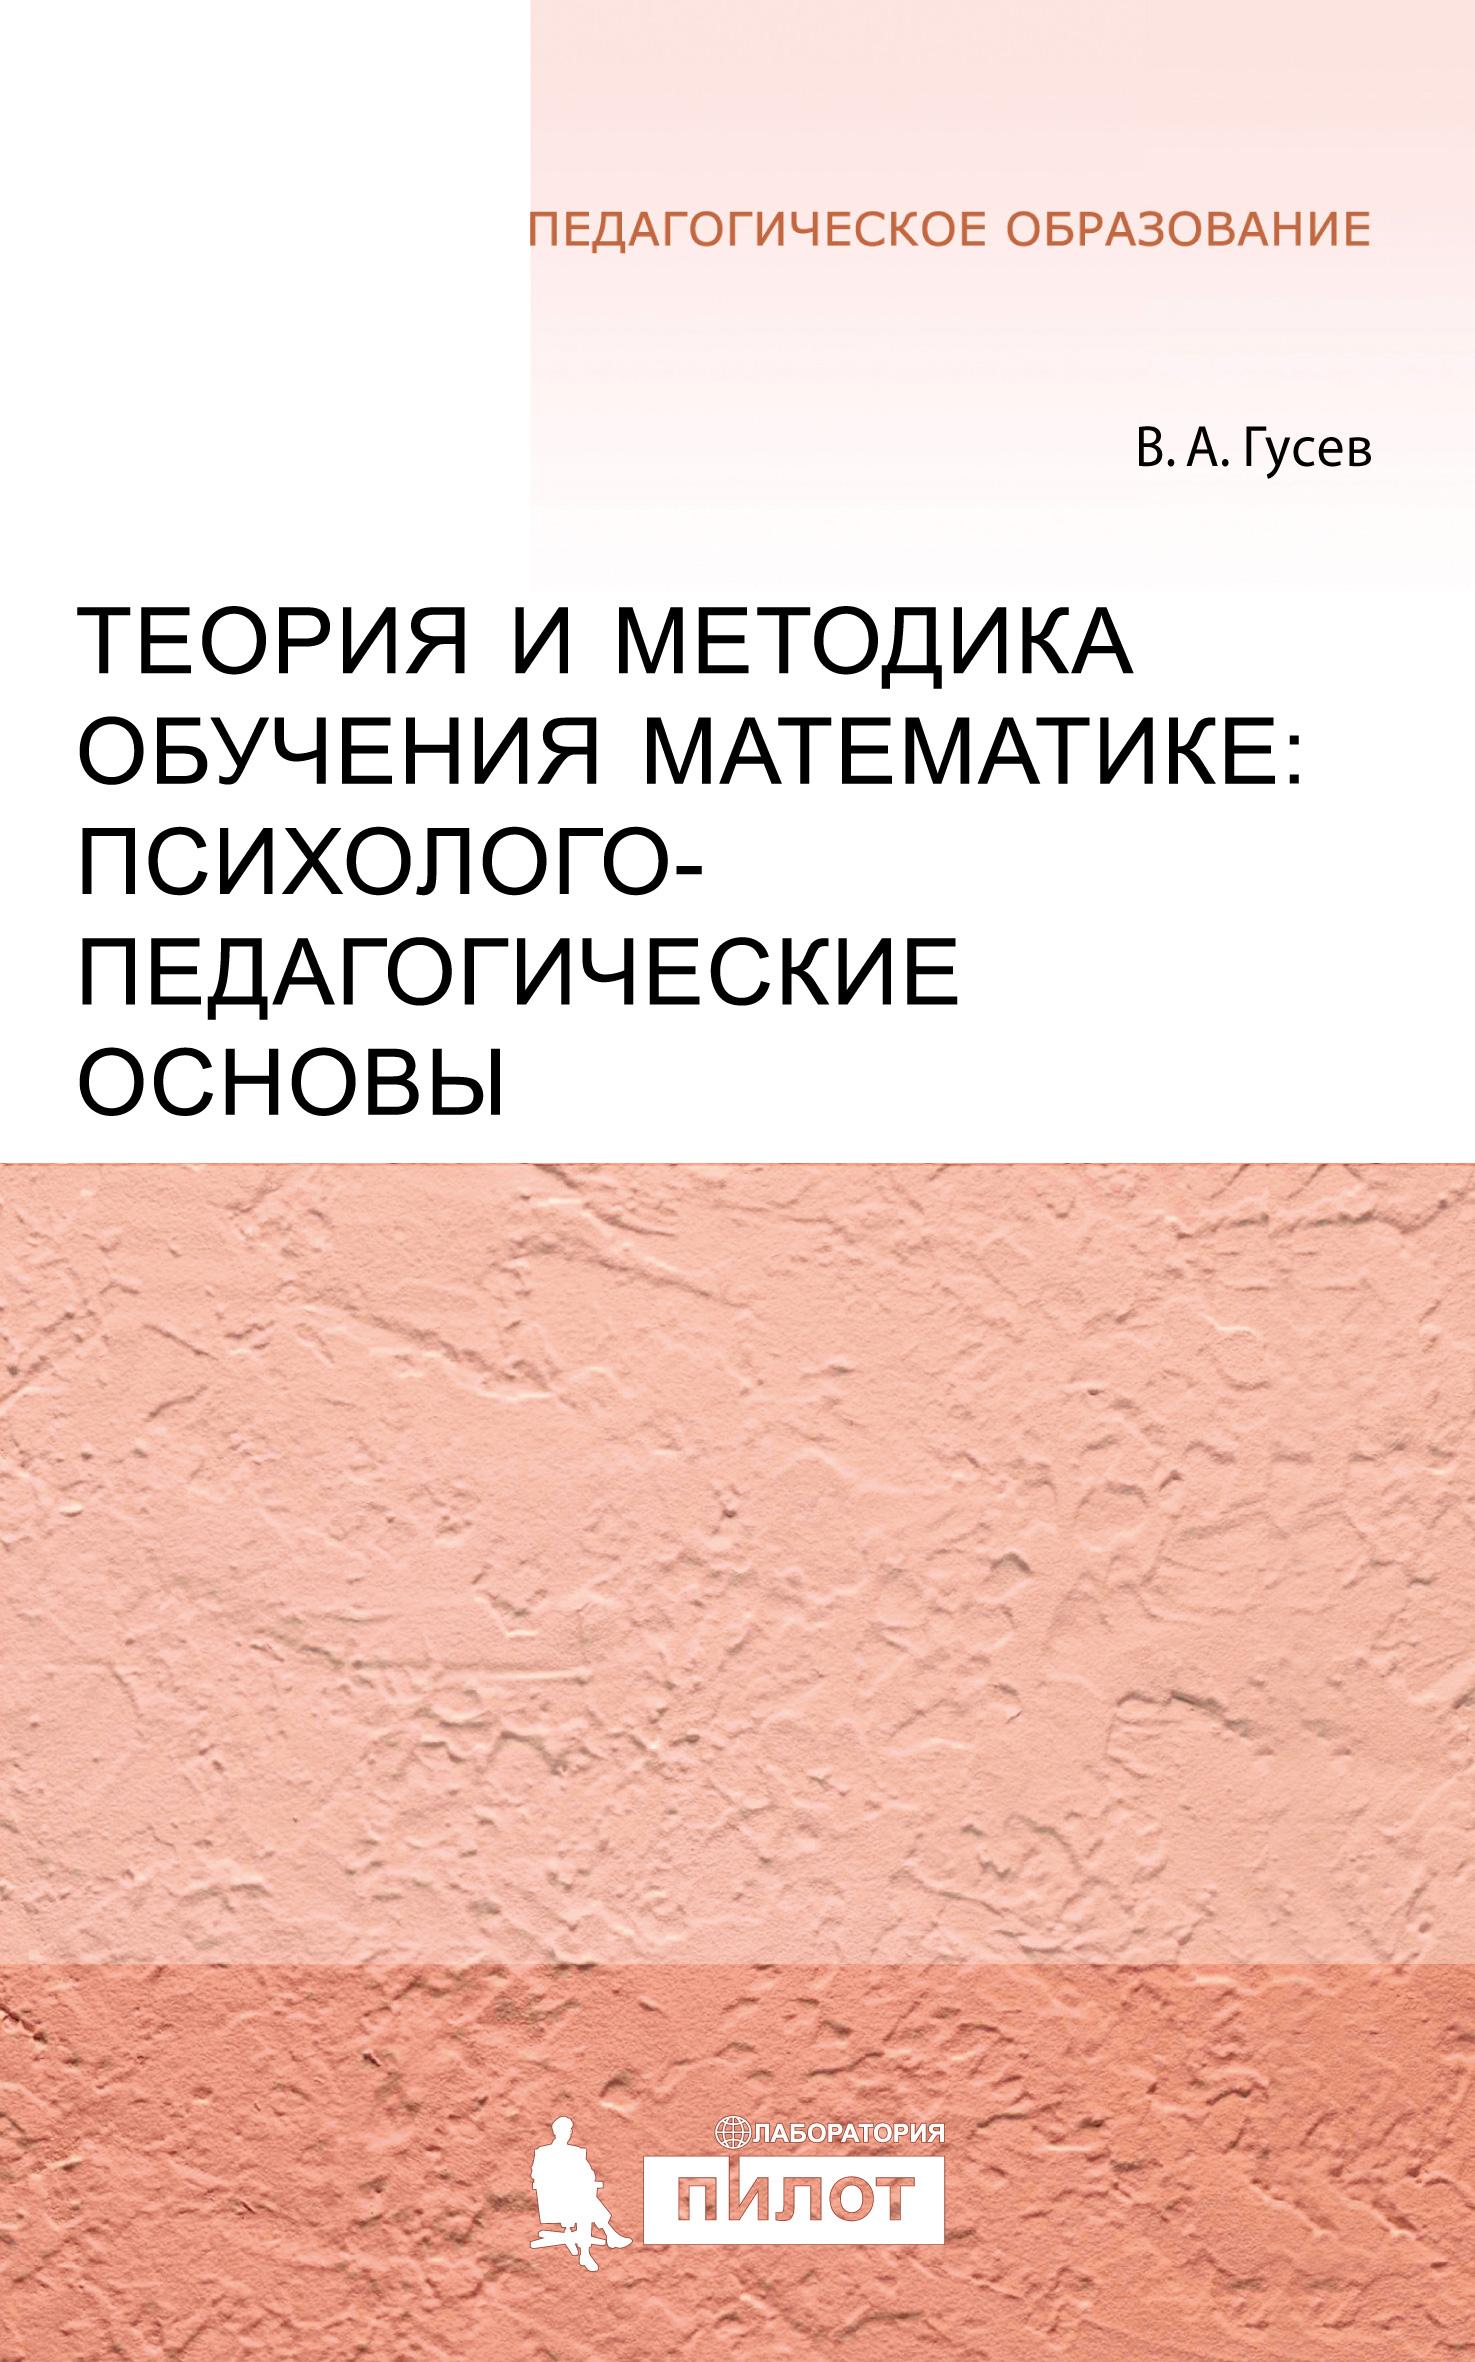 В. А. Гусев Теория и методика обучения математике: психолого-педагогические основы методология и теория обучения математике